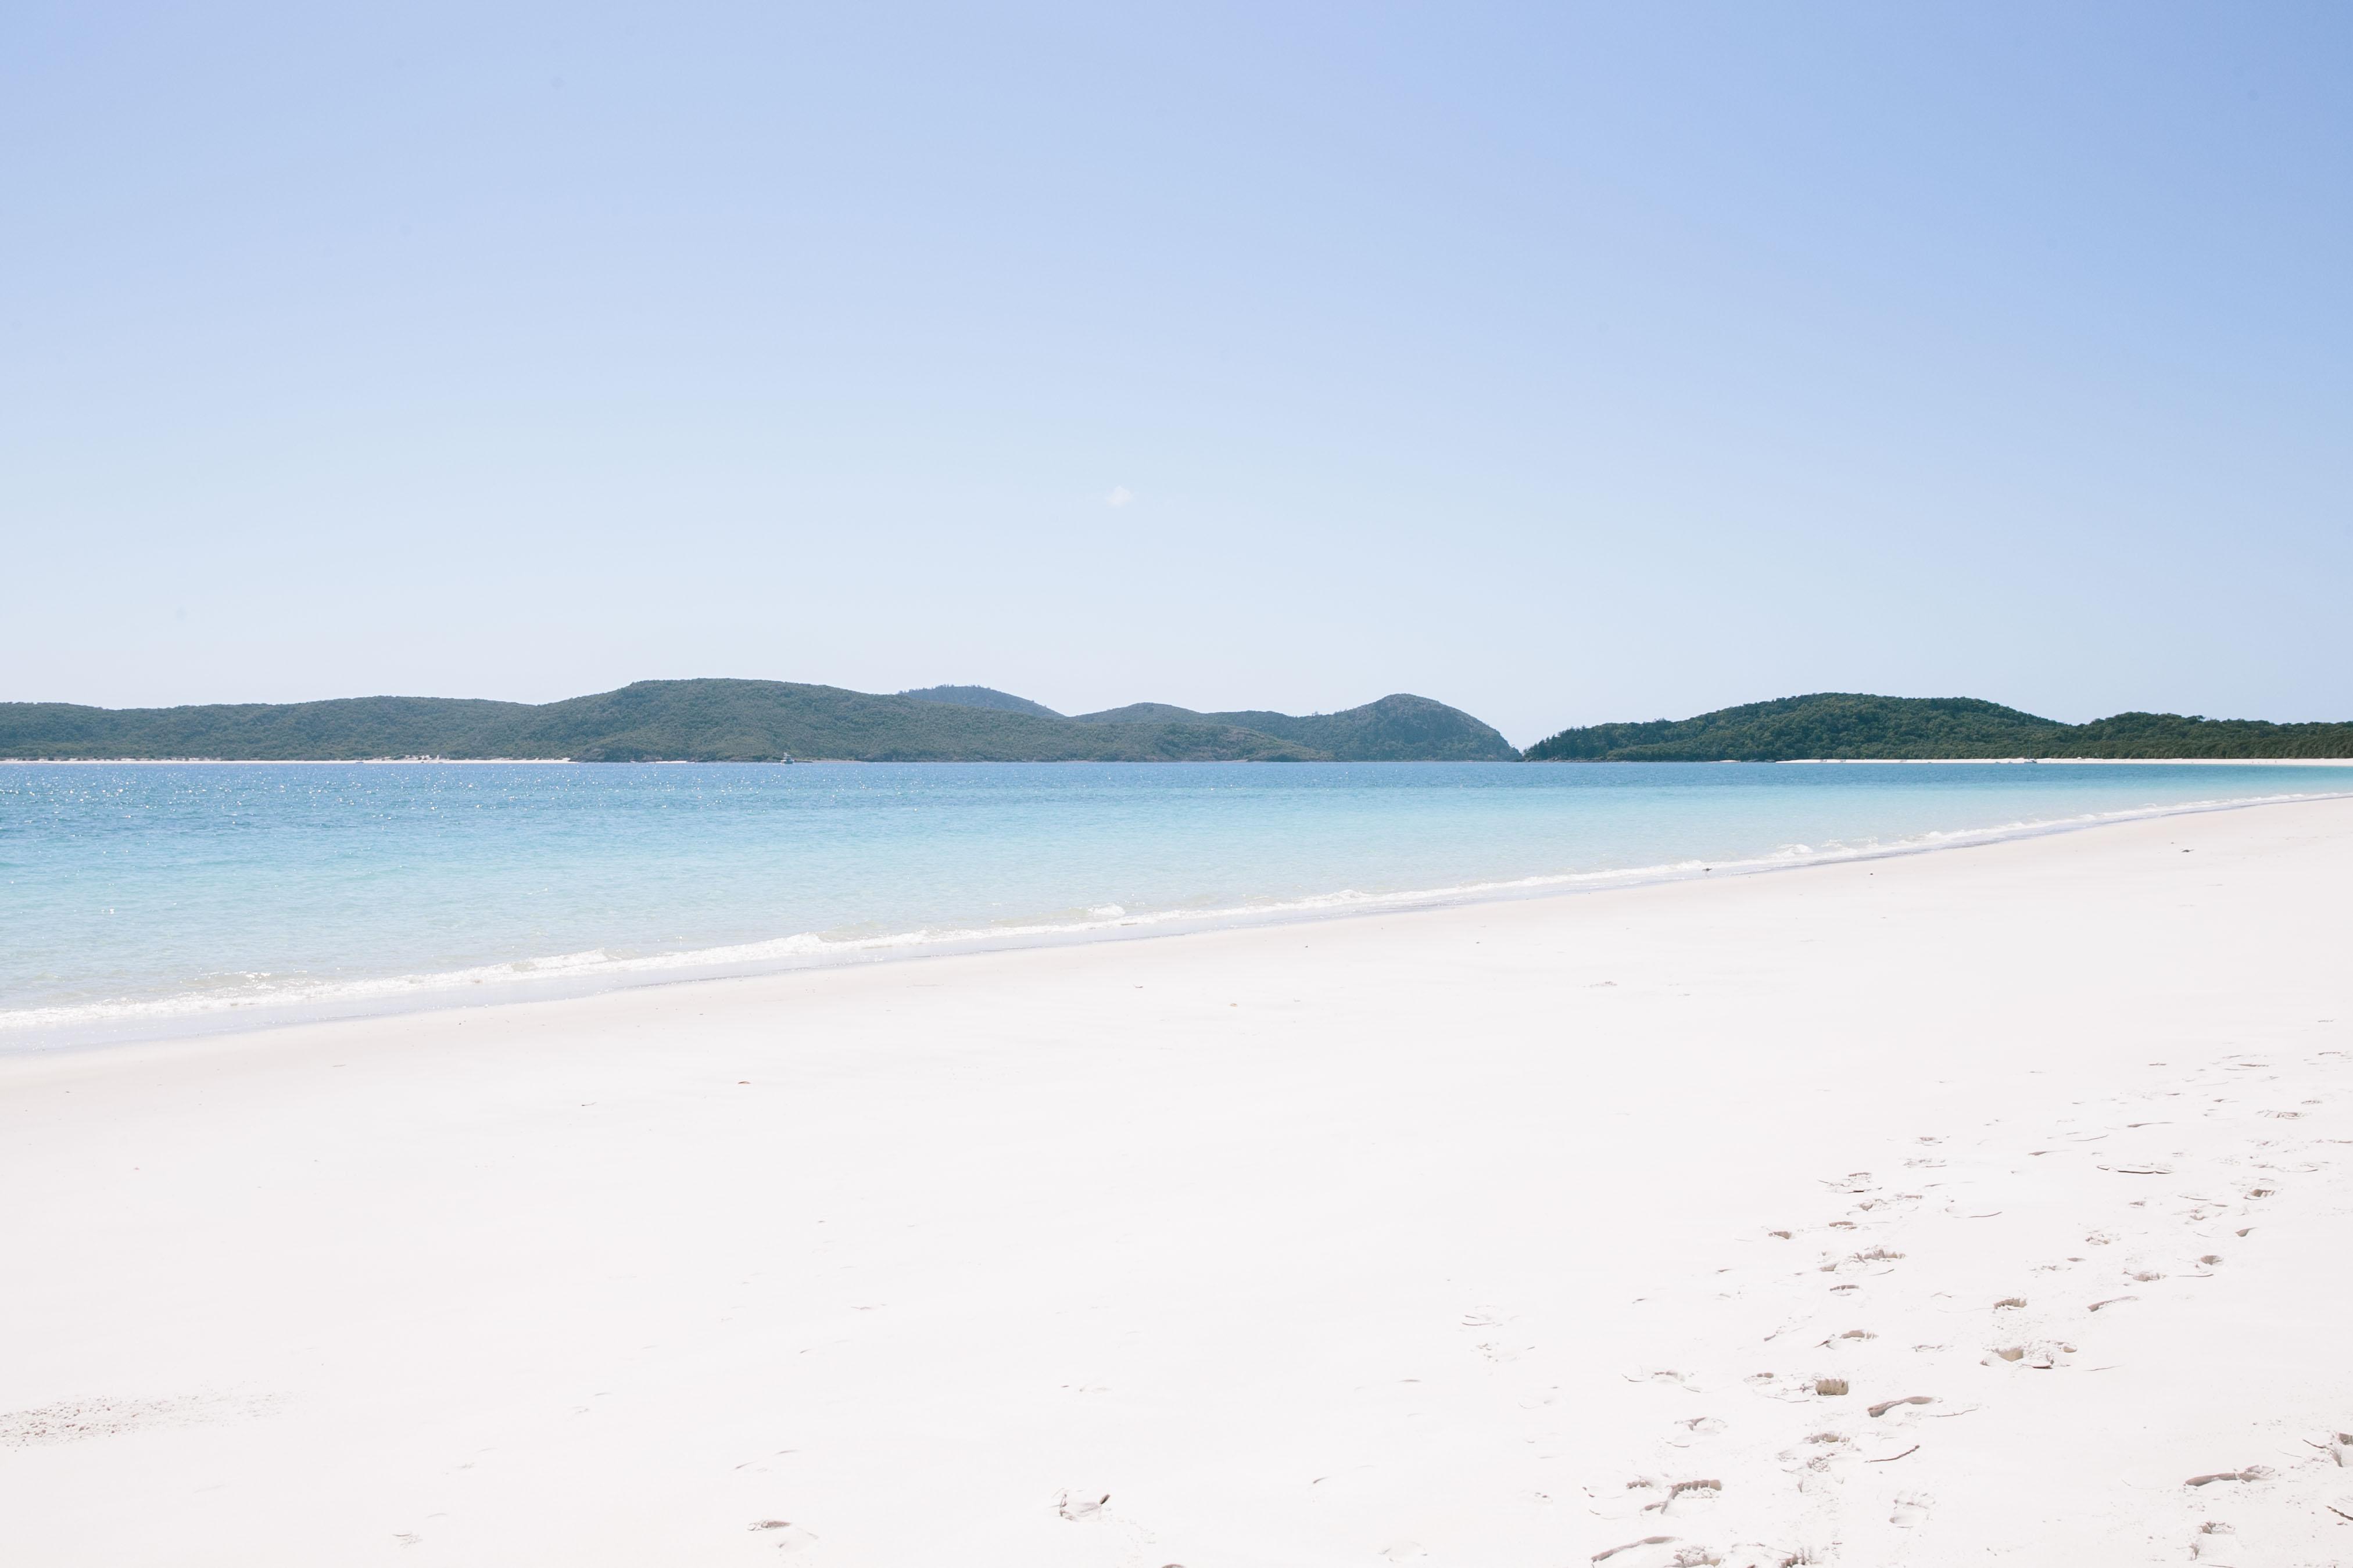 ciht_hayman_island_050